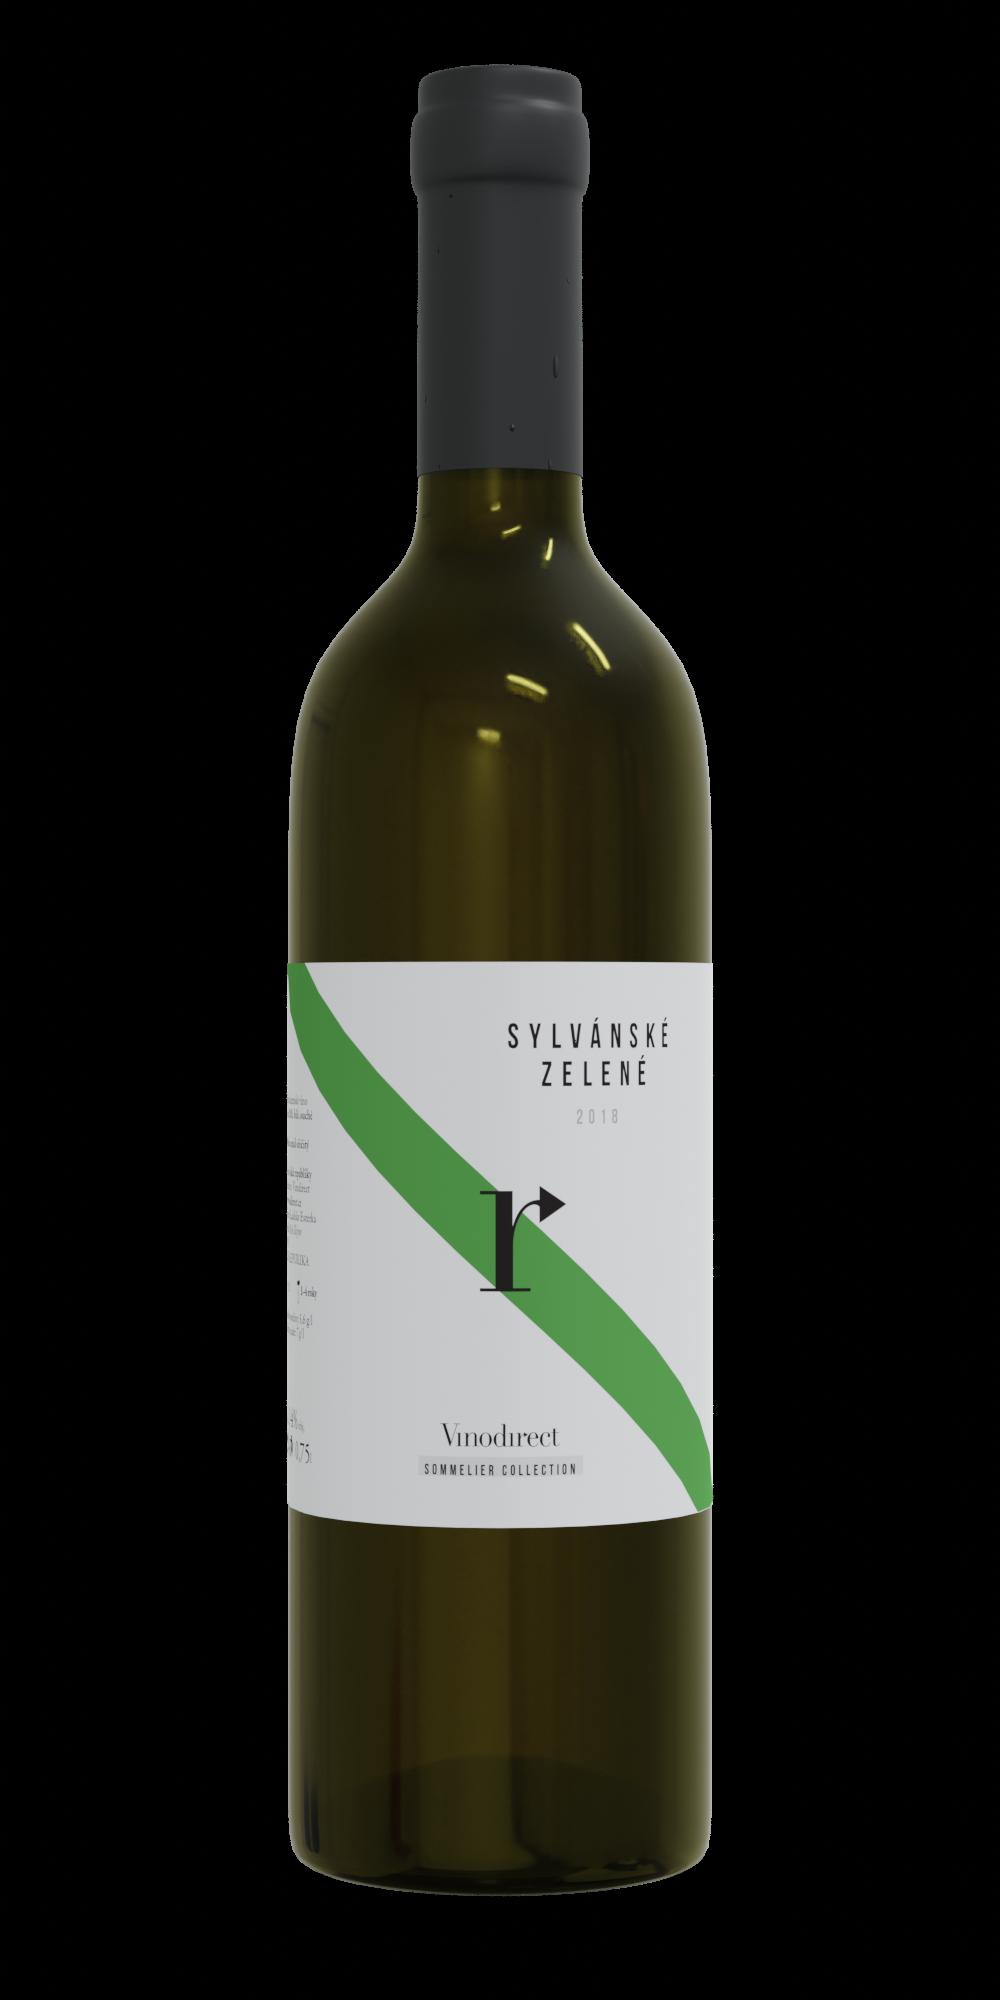 Sylvánské zelené 2018